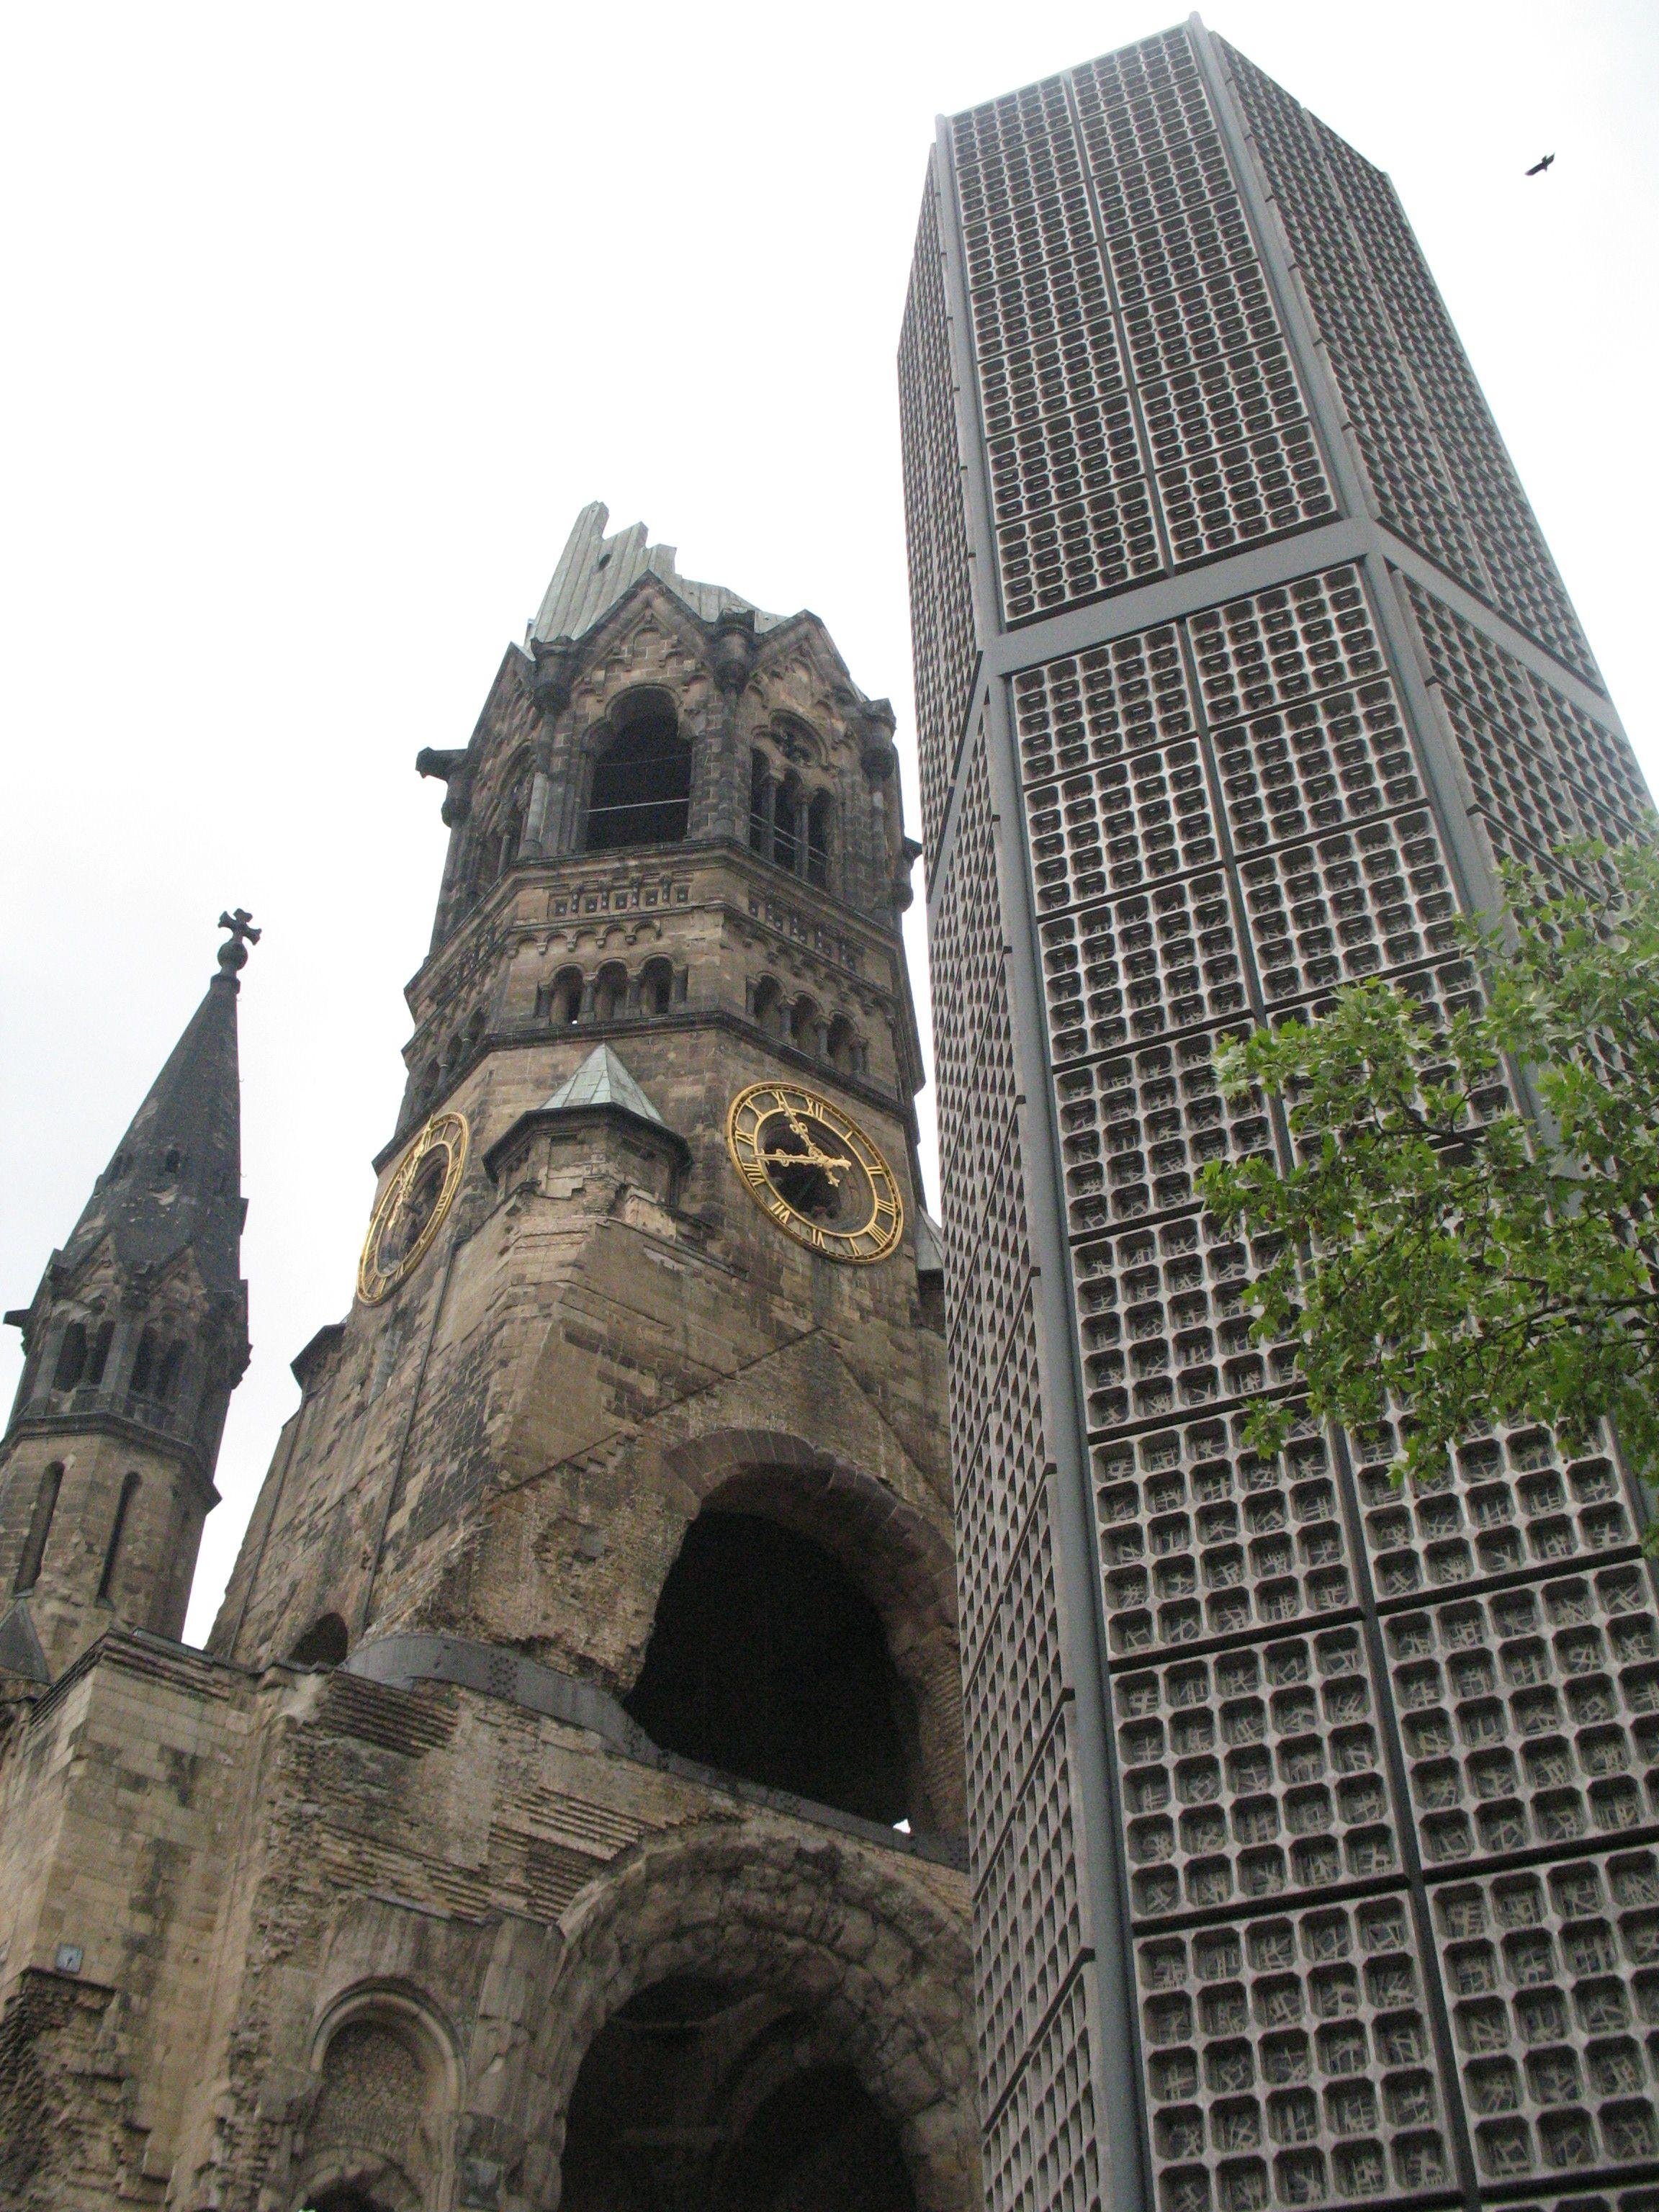 Door De Berlijners Zelf Wordt De Combinatie Van Ruine En Nieuwbouw Soms Oneerbiedig Poederdoos En Lippenstift Genoemd De Toren V Skyscraper Landmarks Berlin